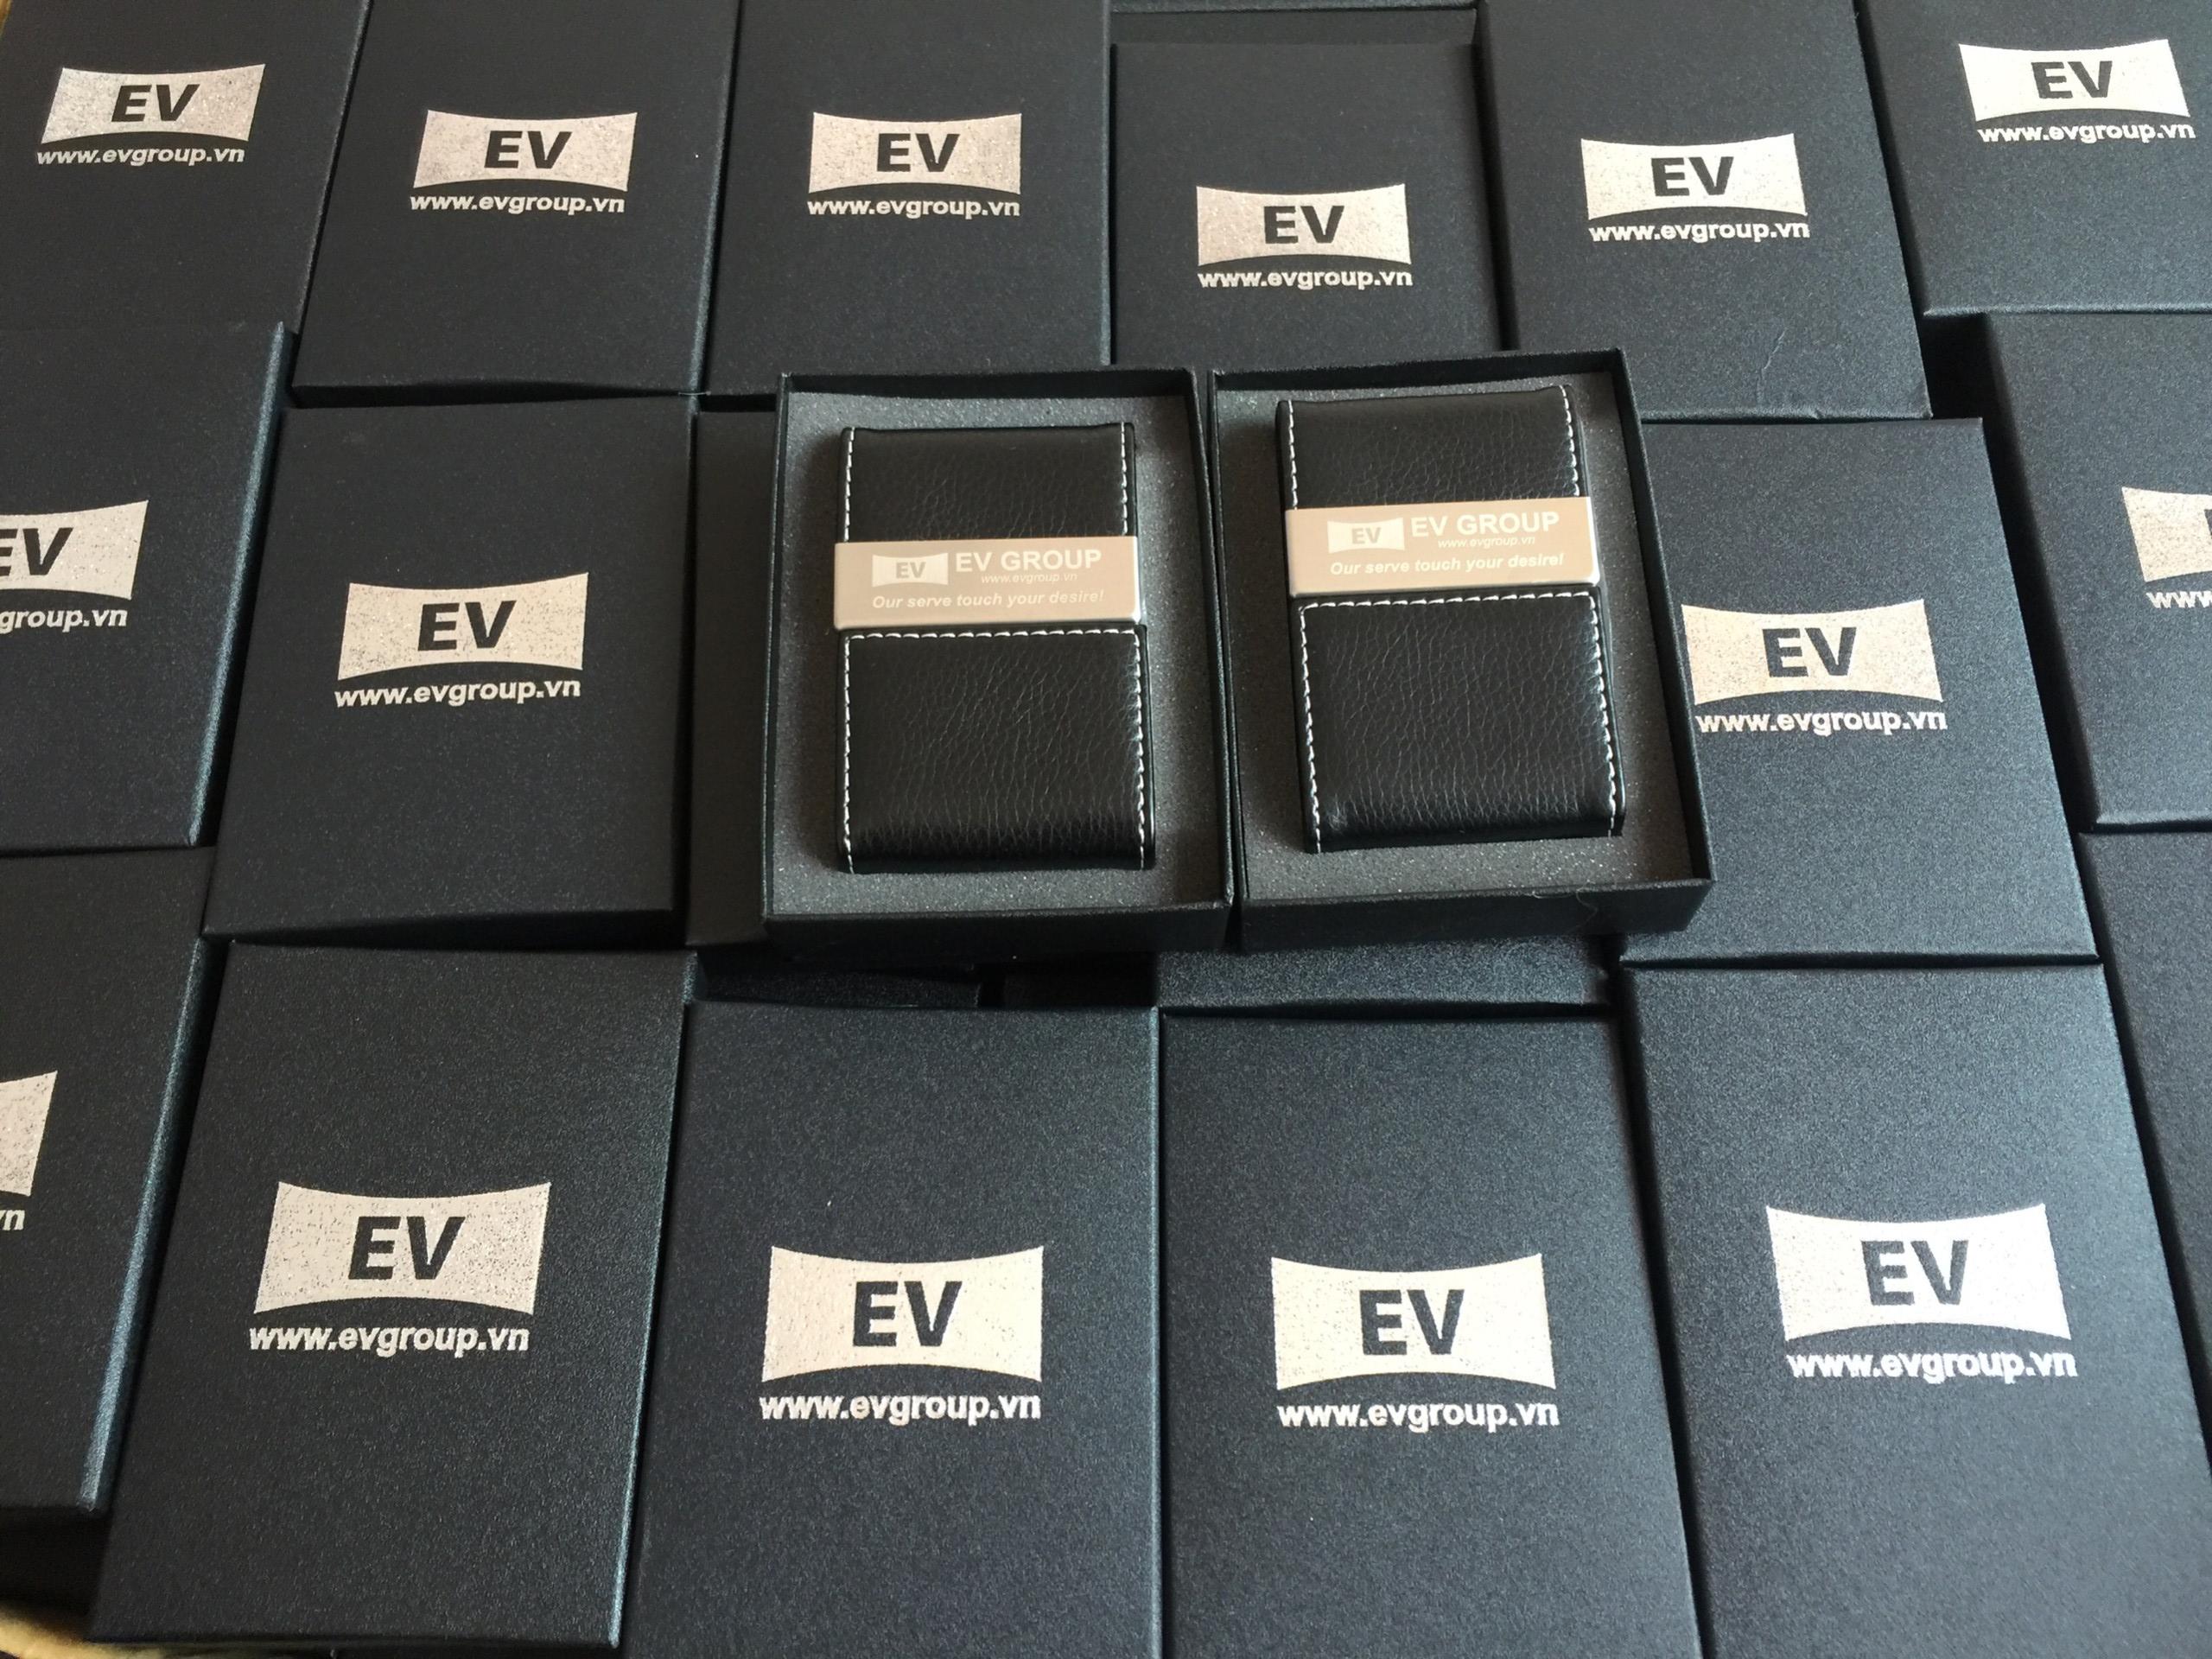 Ví đựng card visit NC07 được đóng trong hộp giấy in logo EV Group